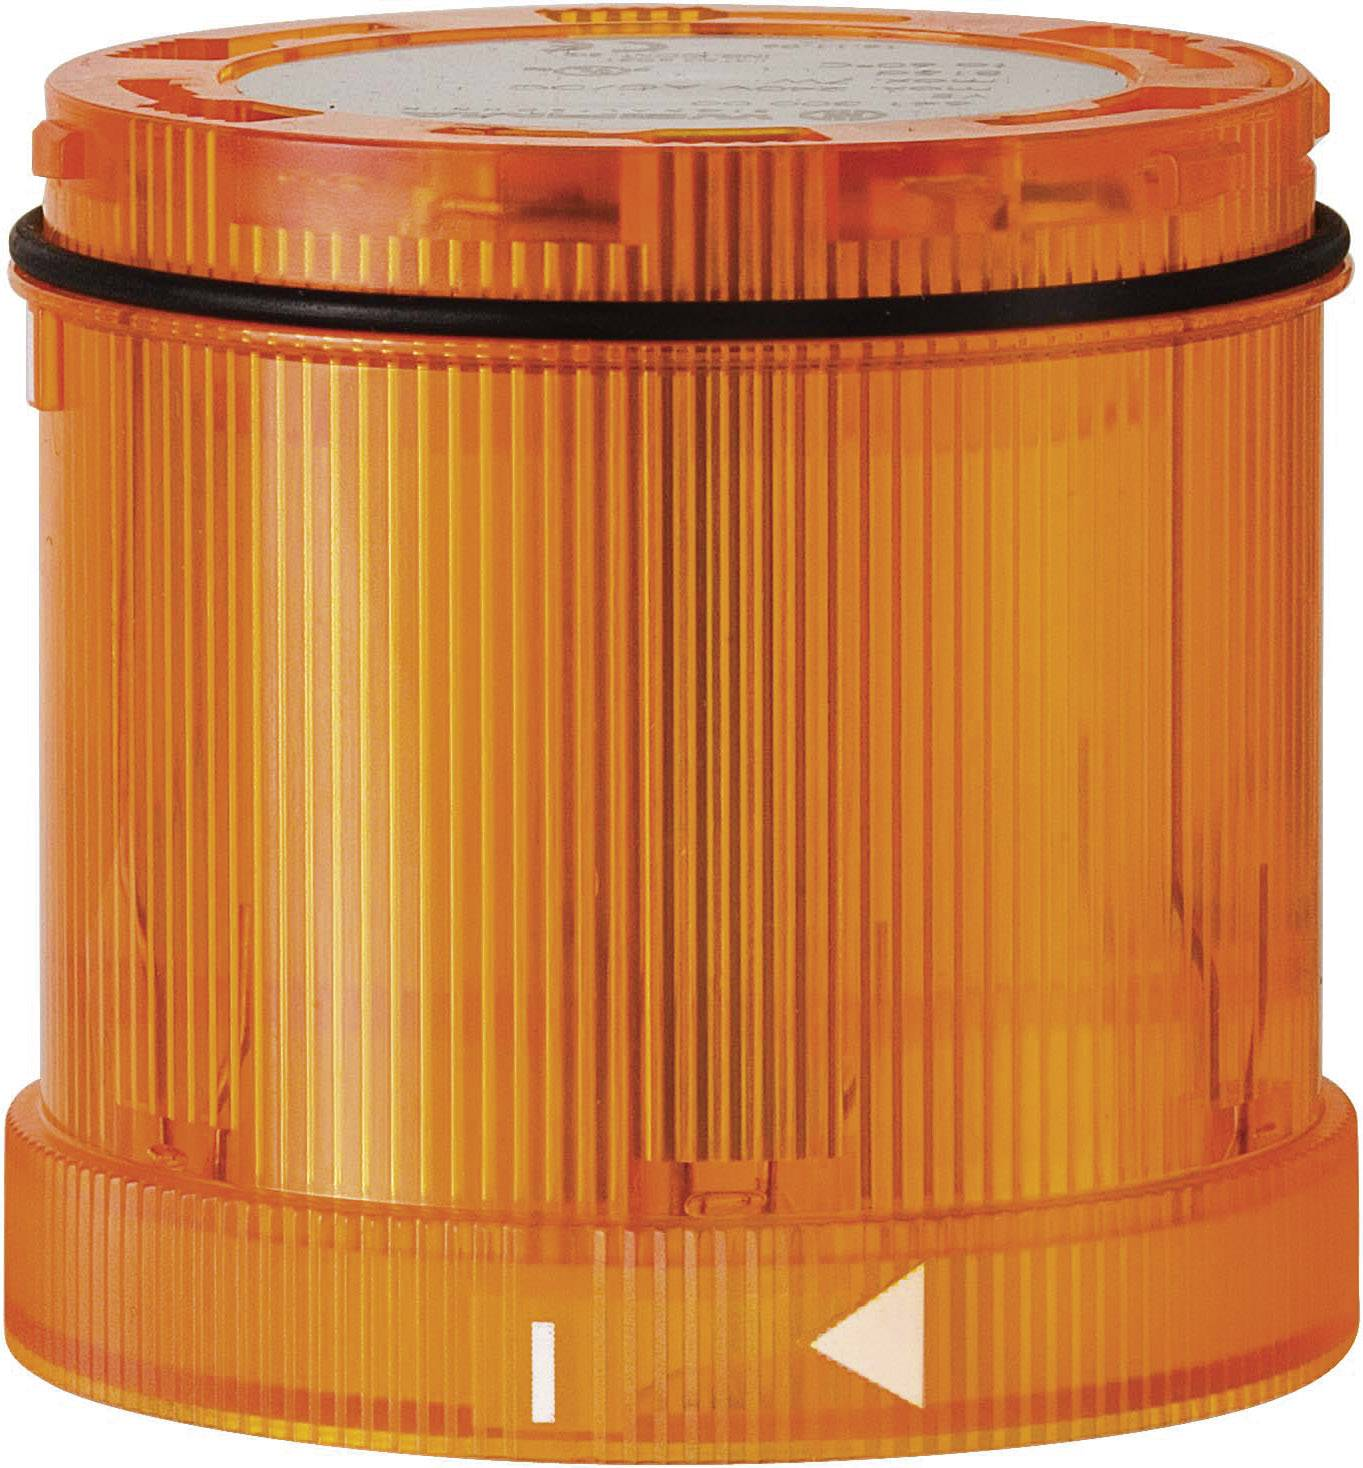 Blikající signálka Werma 643.300.55, 70 x 65 mm, 24 V/DC,IP65, žlutá